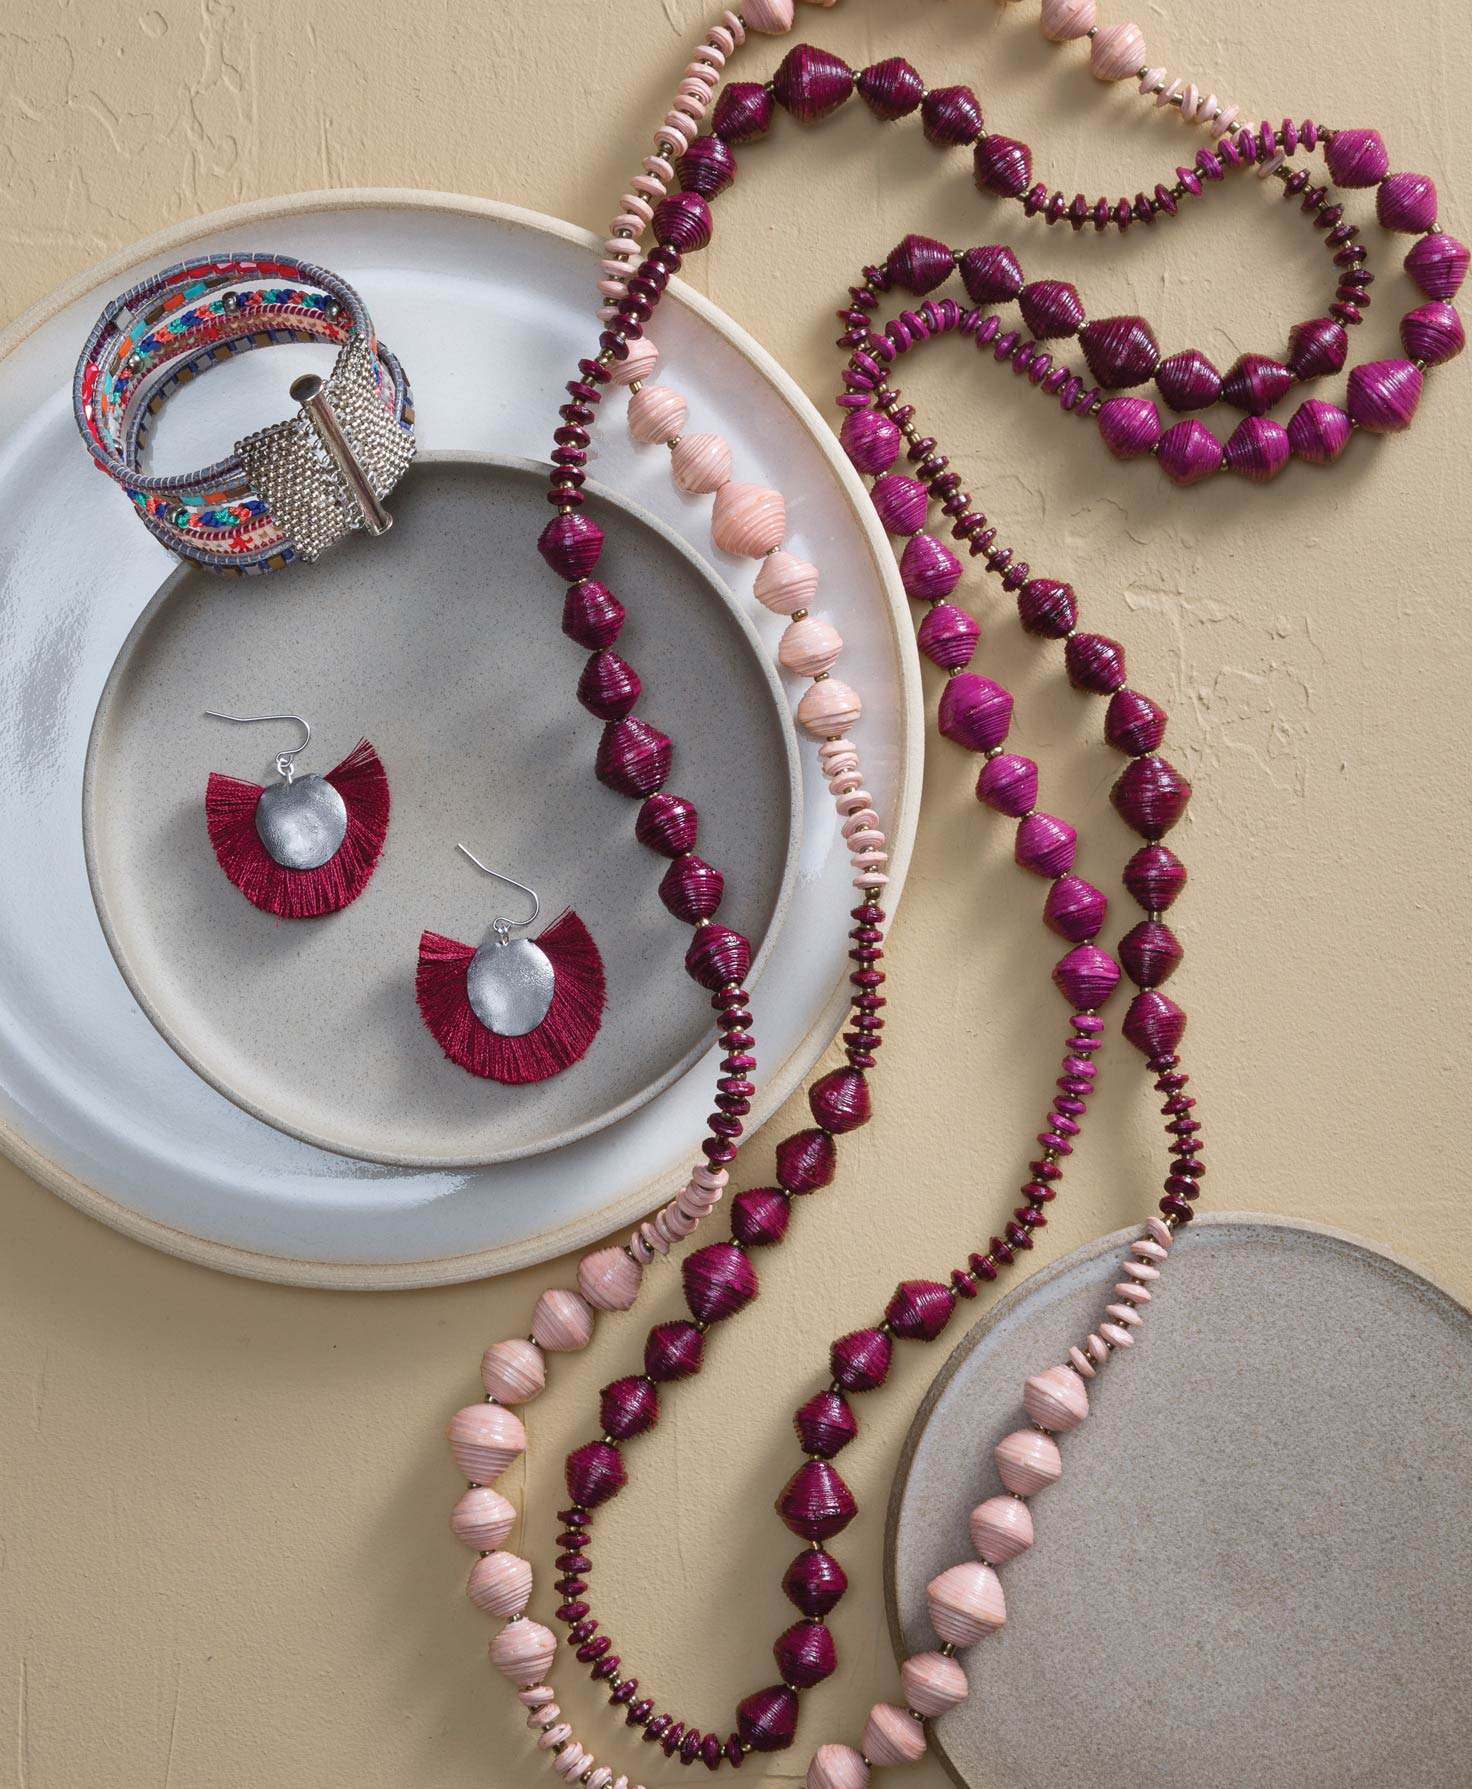 alma-earrings-alt1.jpg